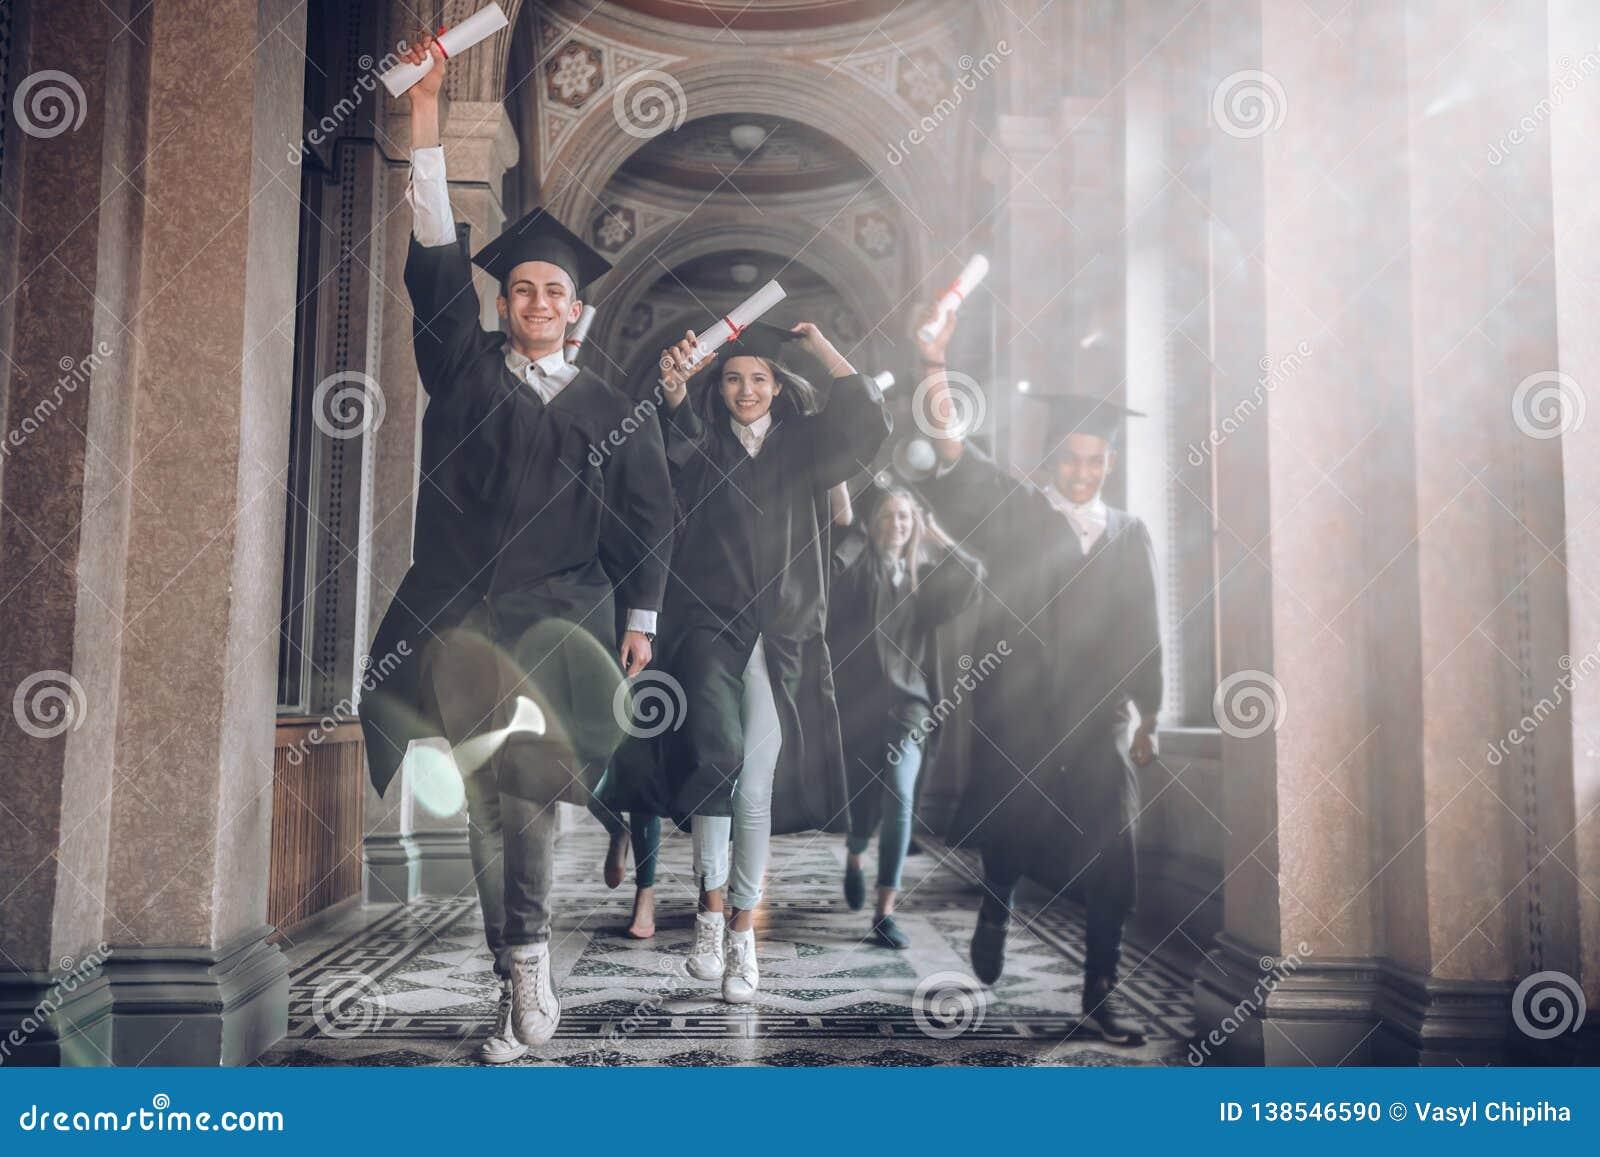 Uniwersytet był najlepszy rok ich życia! Grupa uśmiechnięci student uniwersytetu trzyma ich bieg i dyplomy po być